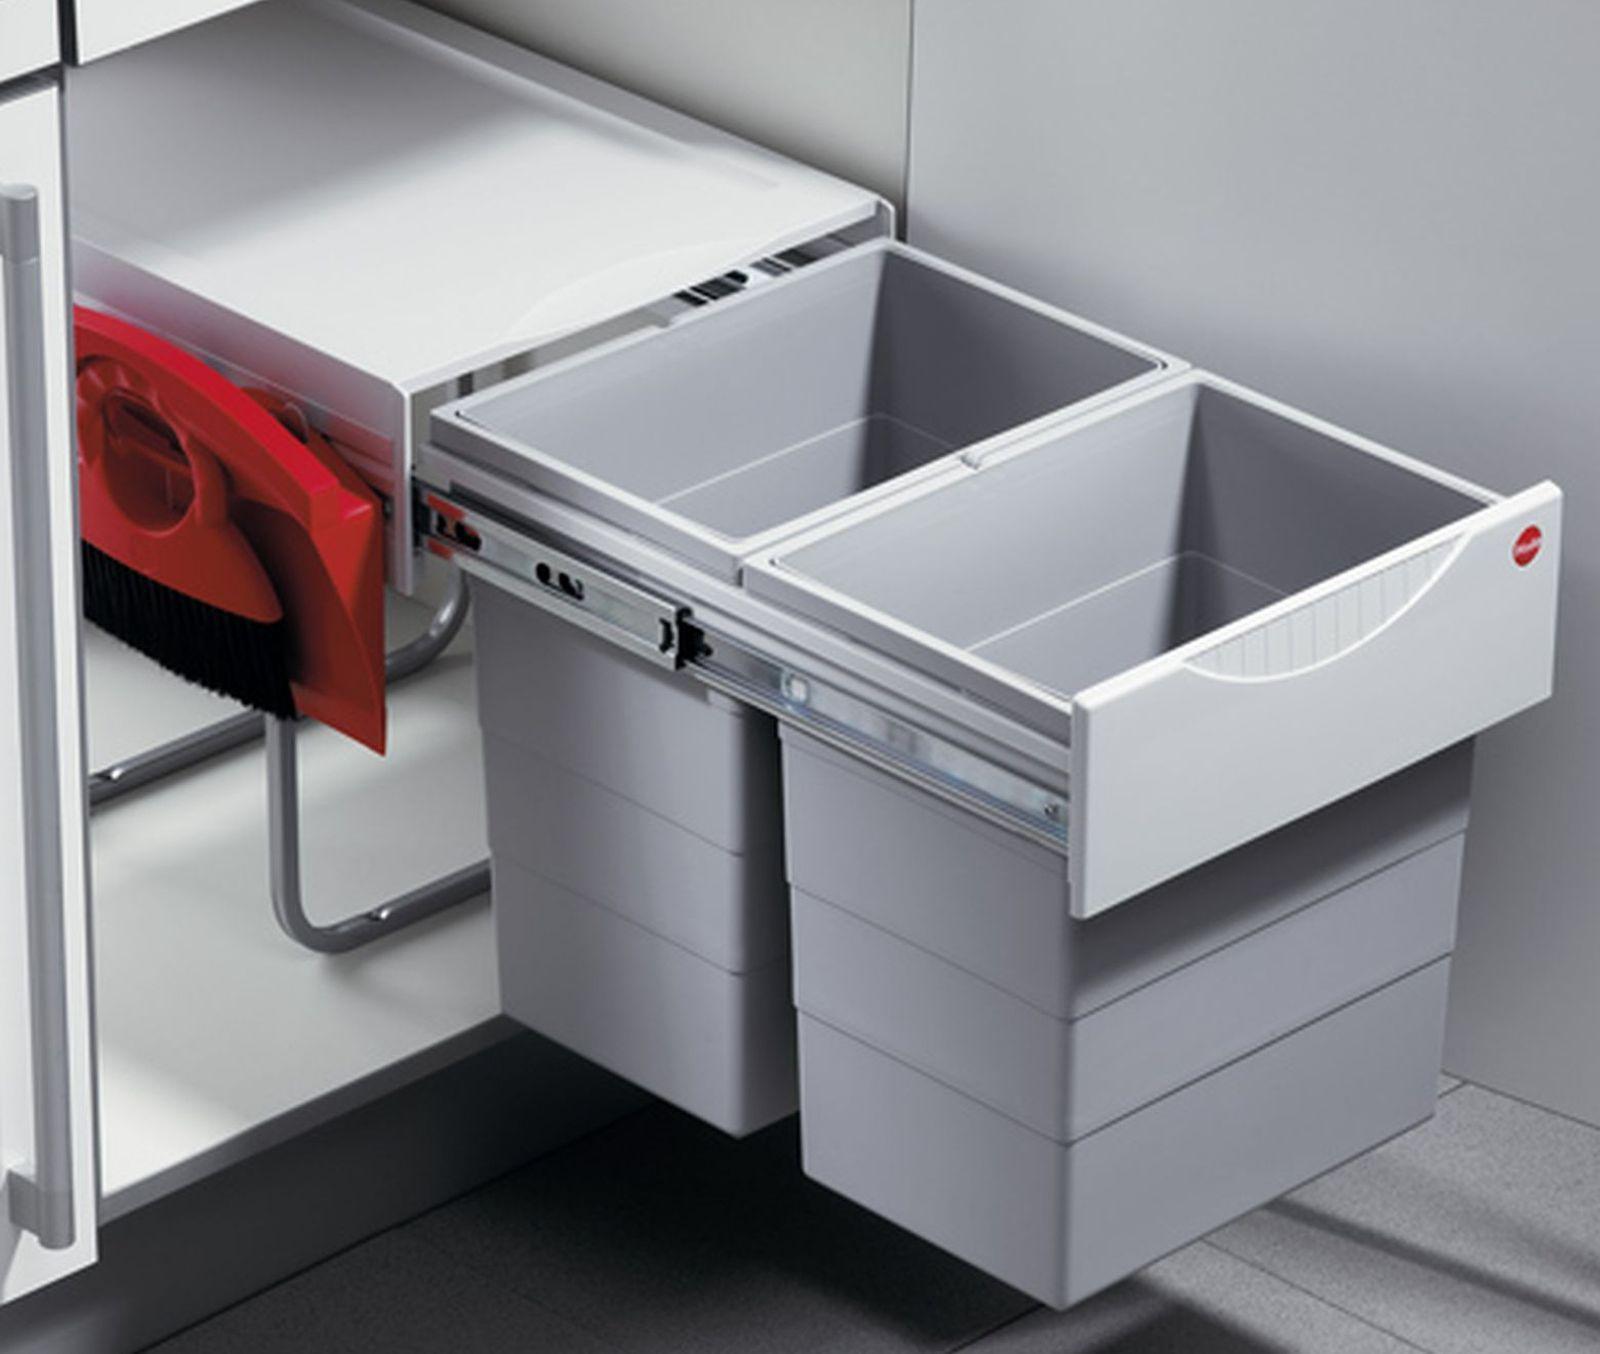 Hailo Tandem Big Einbau Küchen Abfall Mülleimer 2 x 20 Liter Kehrset ...